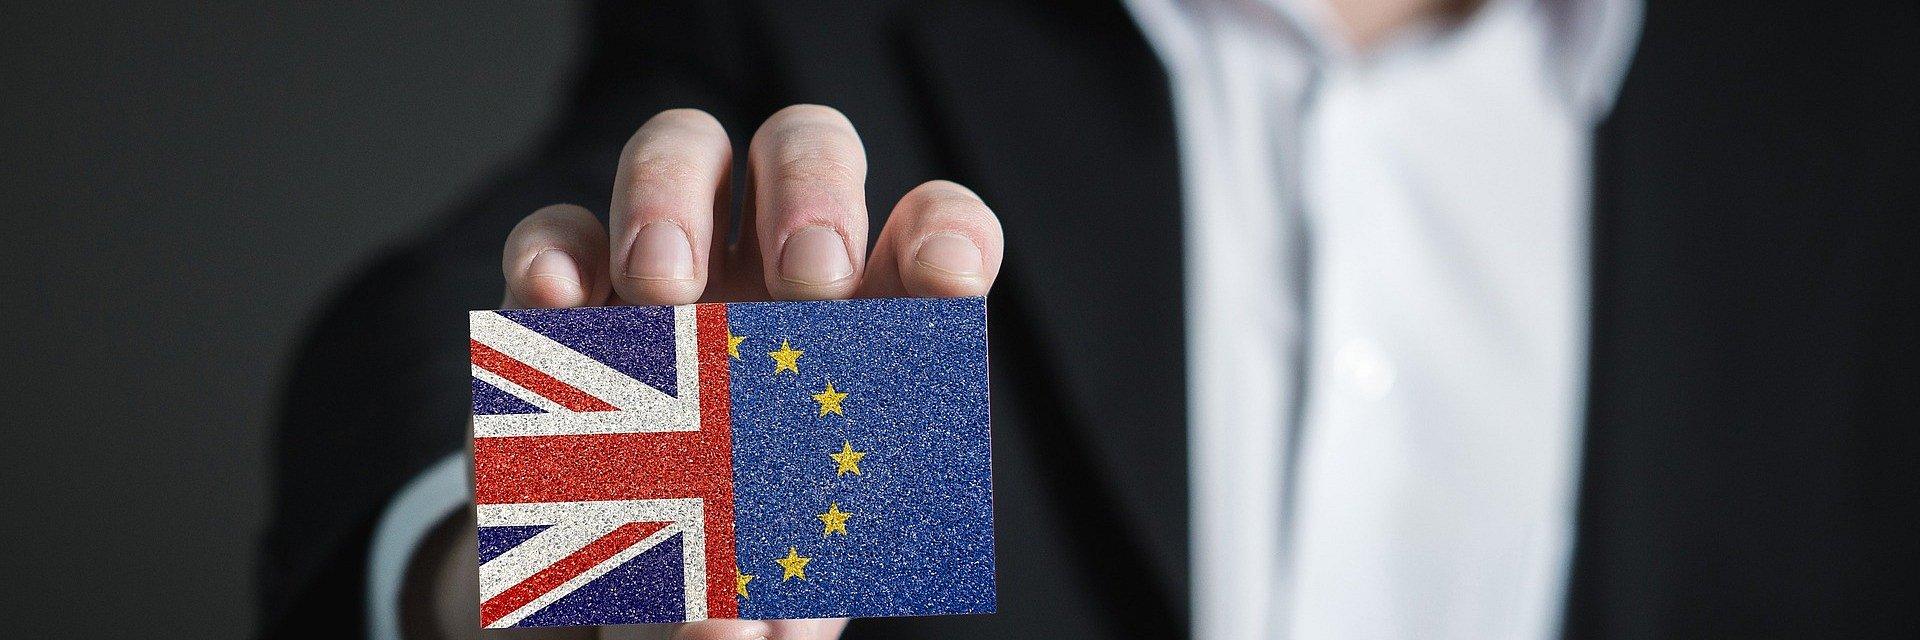 Sprawdź, czy po brexicie Twój znak towarowy będzie chroniony w Wielkiej Brytanii